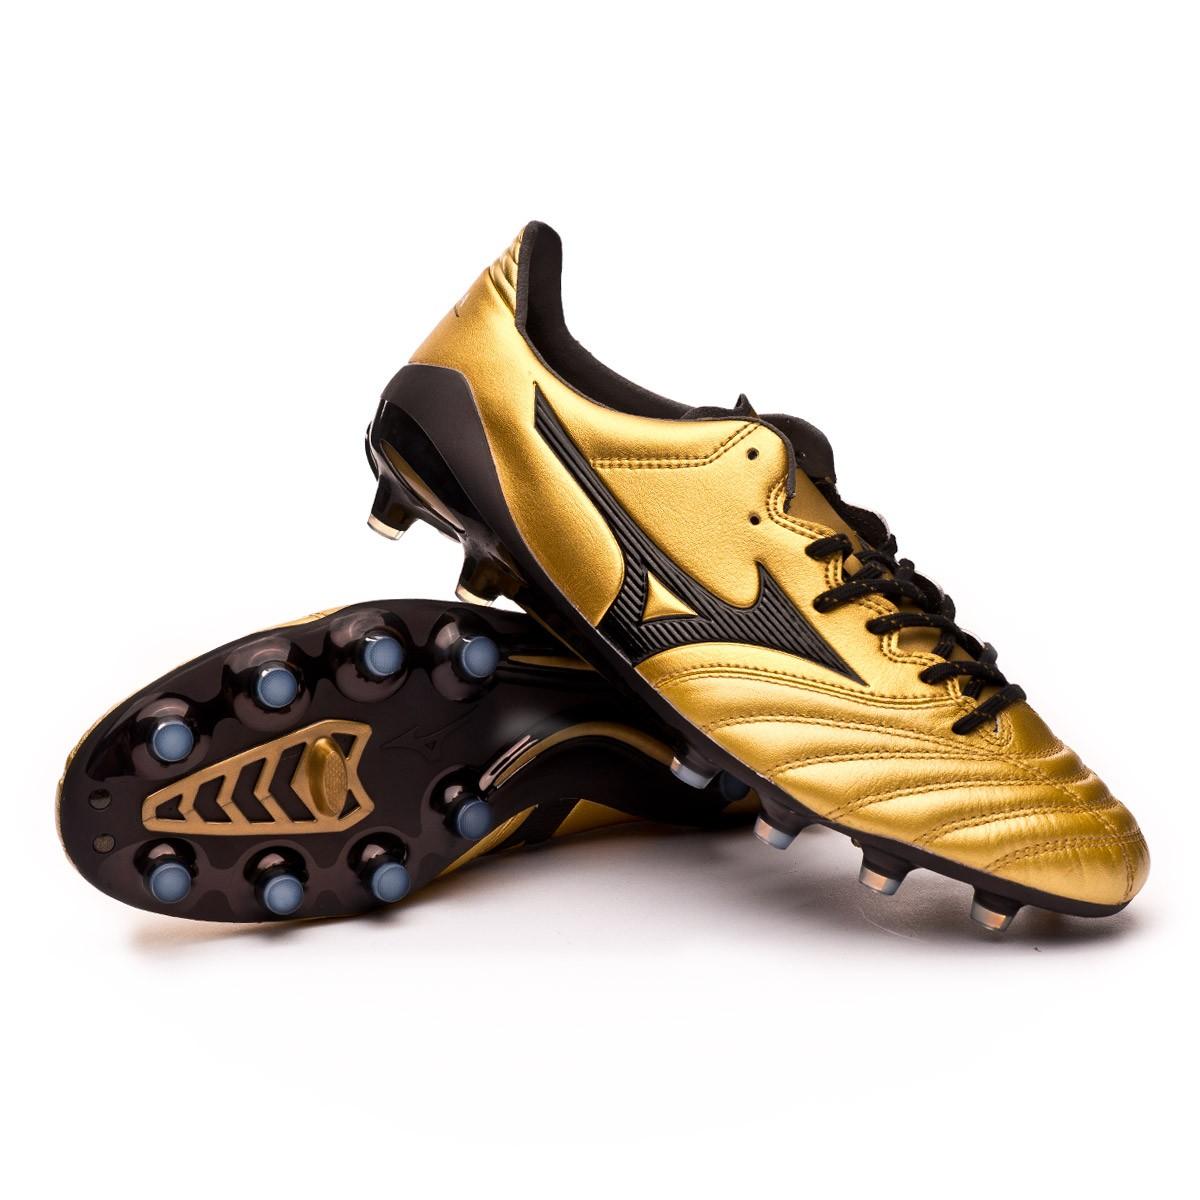 9cb80accd18ab Football Boots Mizuno Morelia NEO II MD Gold-Black - Tienda de ...